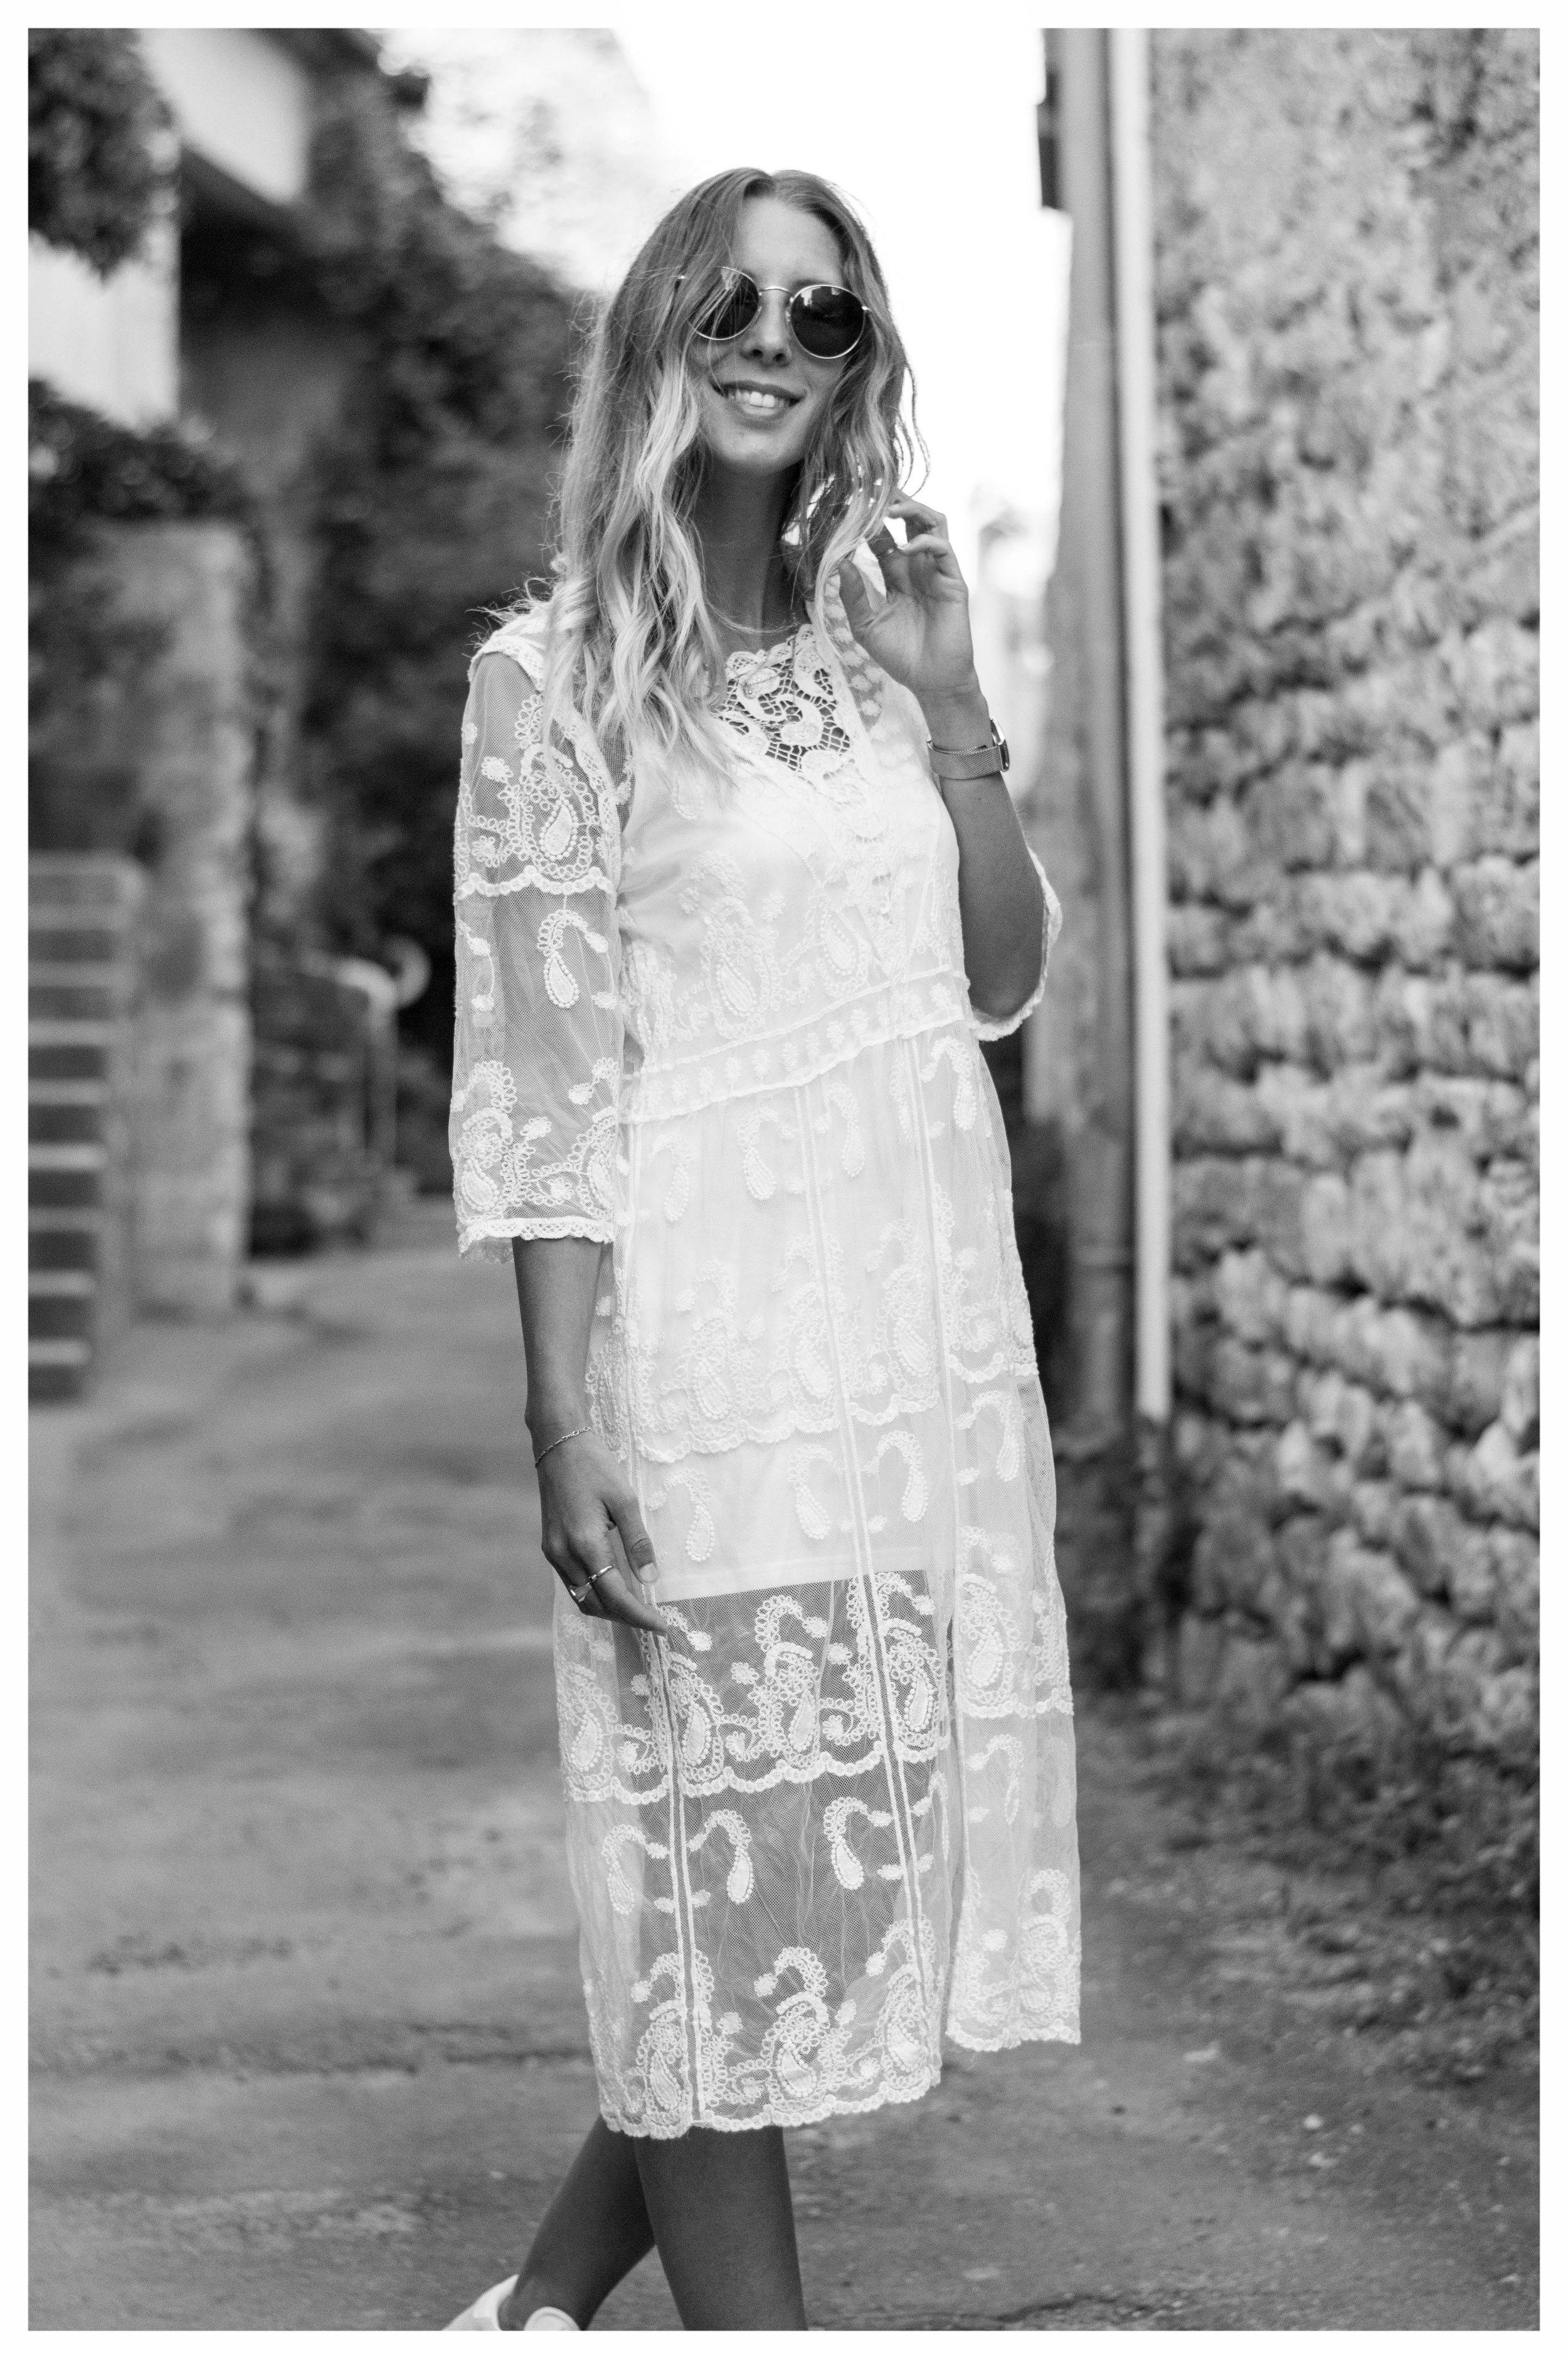 Cornillon White Dress June - OSIARAH.COM (12 of 27).jpg